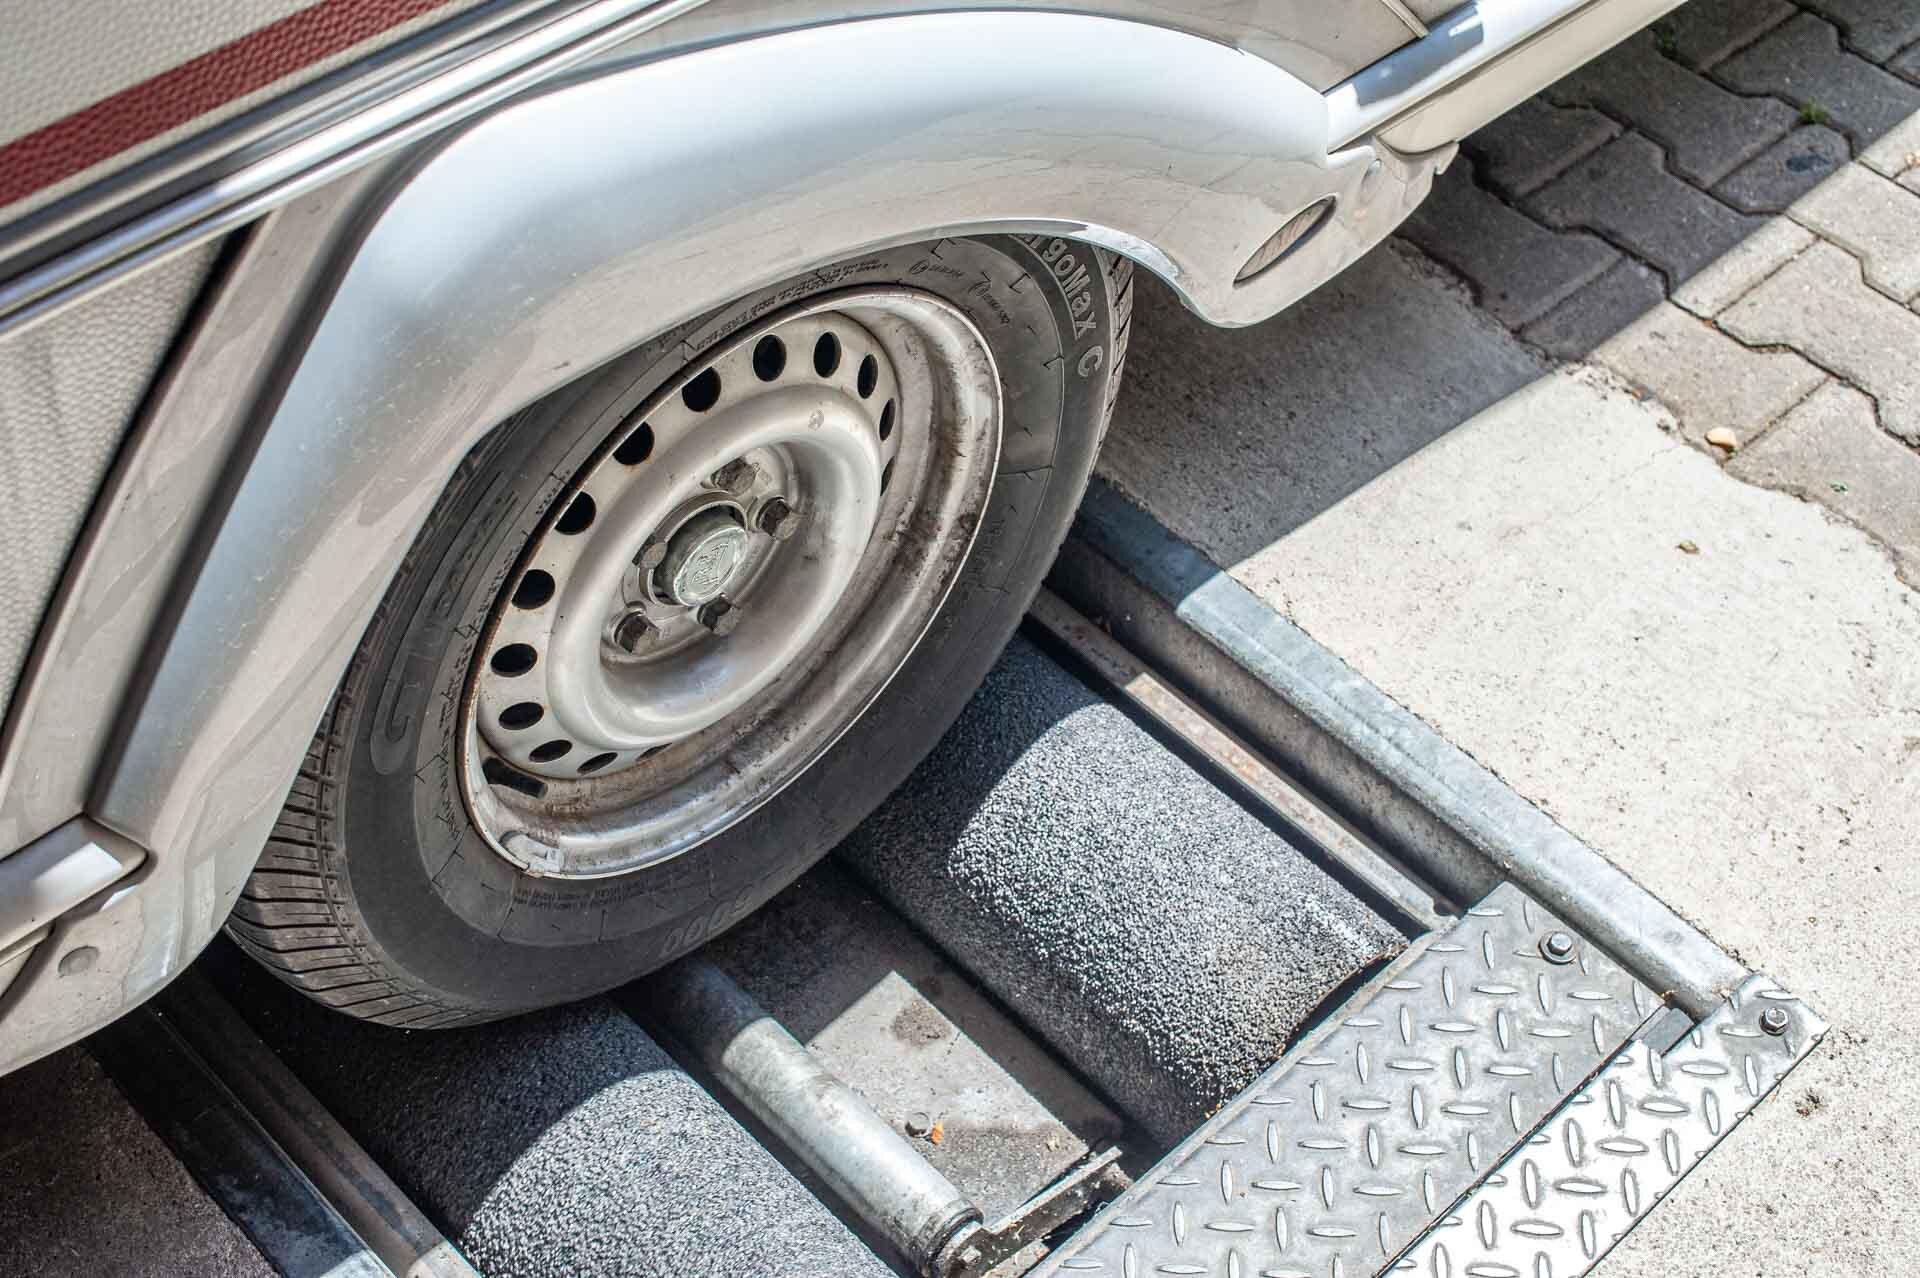 Wohnwagen Rad auf einem Bremsenpüfstand - Wohnwagen-Bremsen quietschen